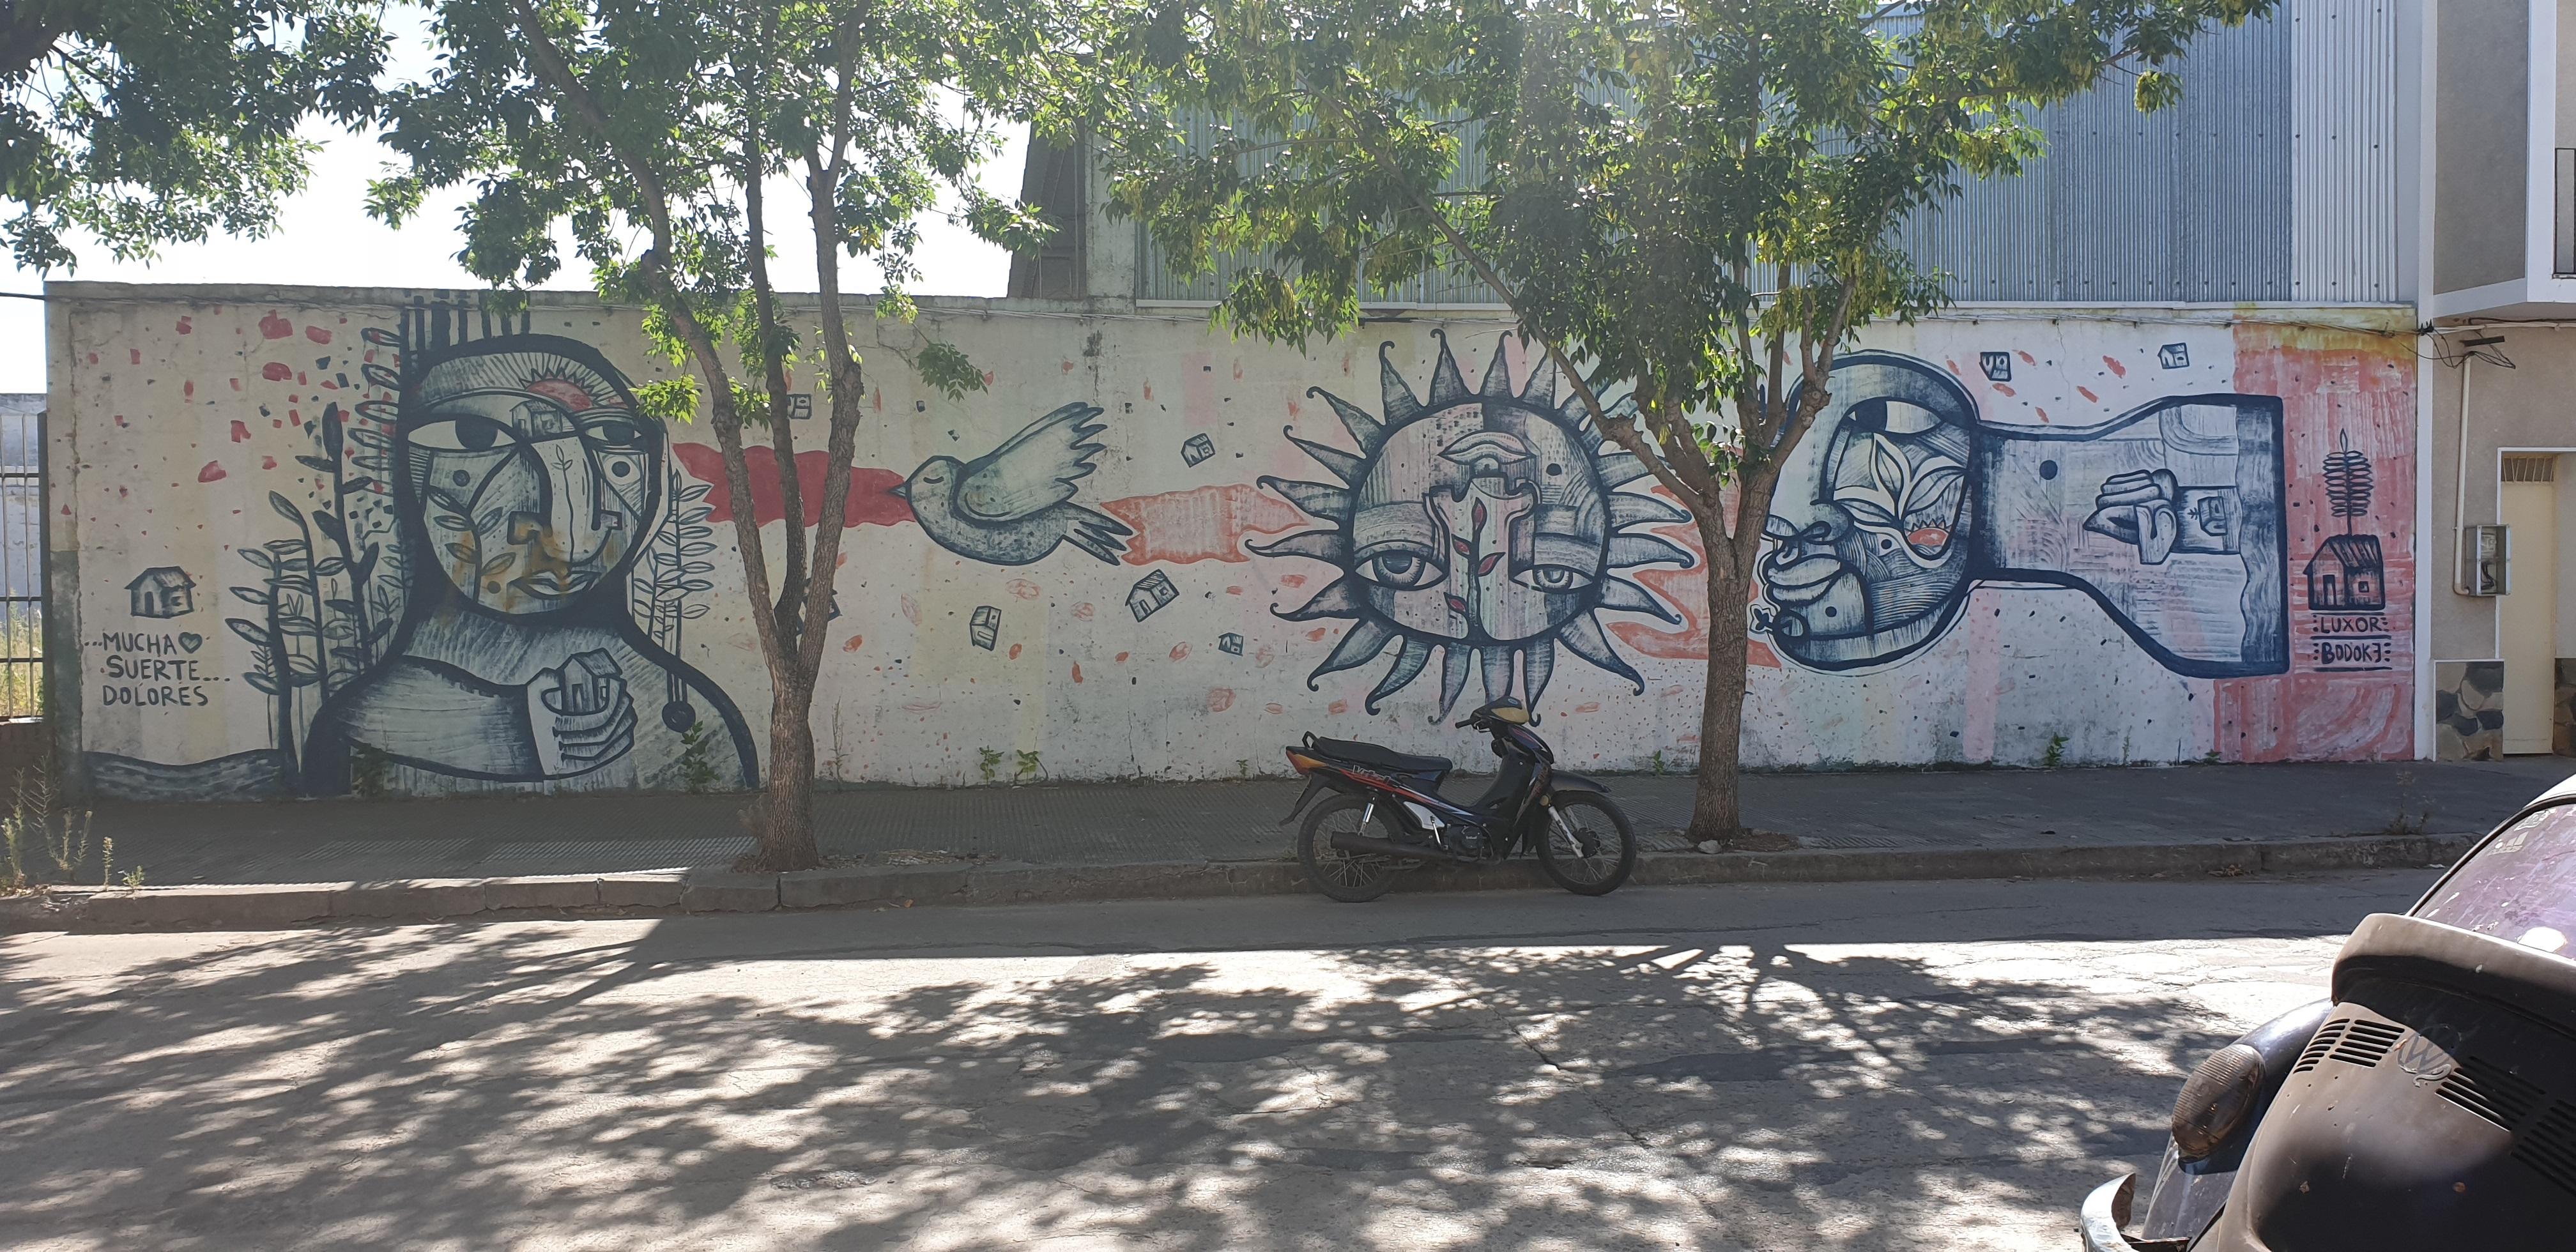 Mur réalisé par Soy Luxor - Dolorès - Uruguay 2020 - ©nofakeinmynews.com